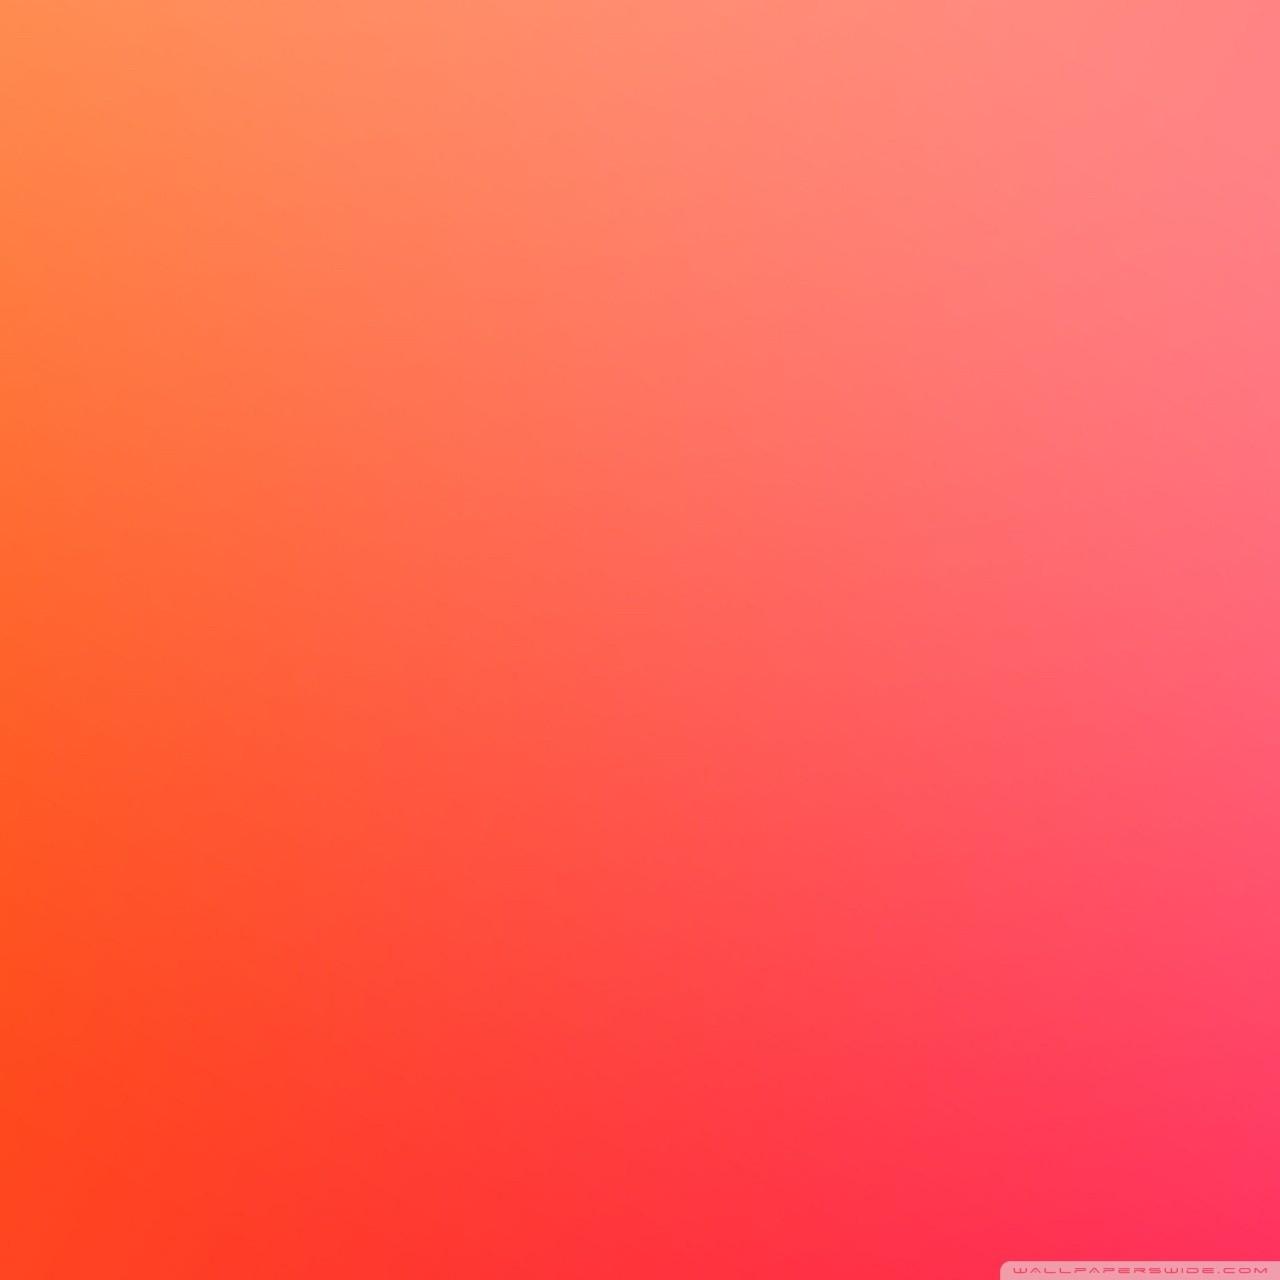 Sfondi Sfondo Semplice Rosso Testo Arancia Cerchio Rosa